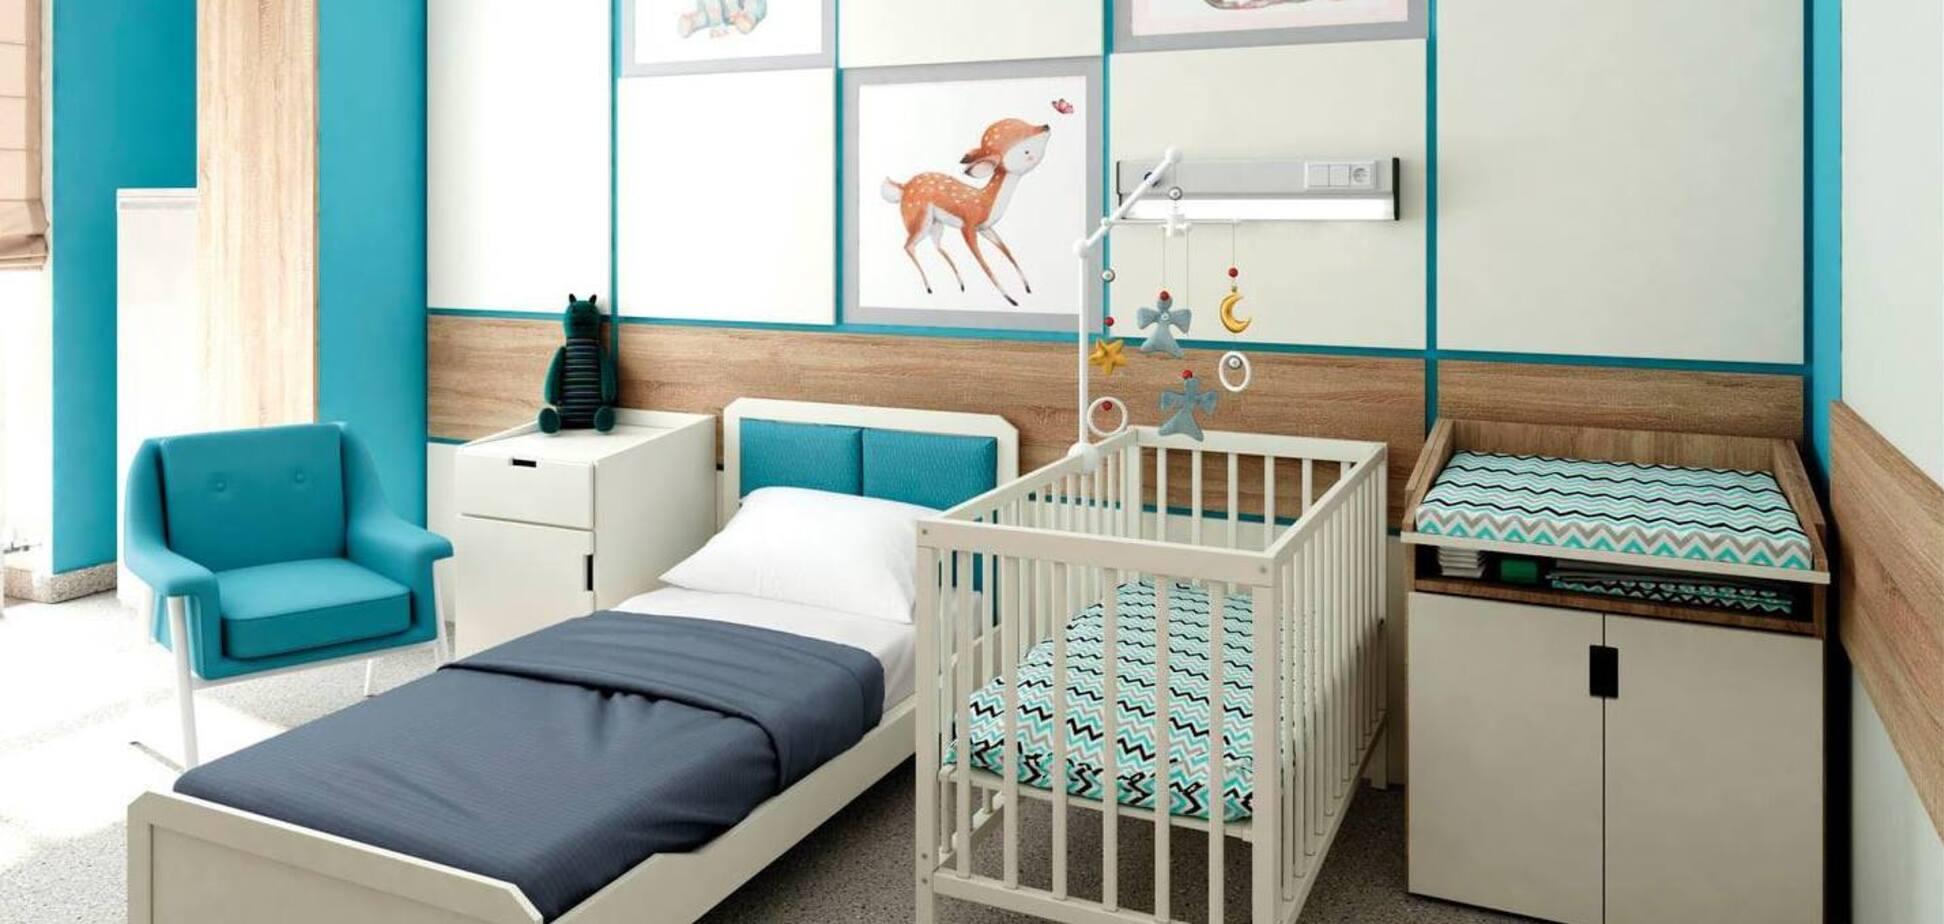 У межах 'Великого будівництва' у Дніпрі створять дитячу лікарню з новітнім реабілітаційним центром